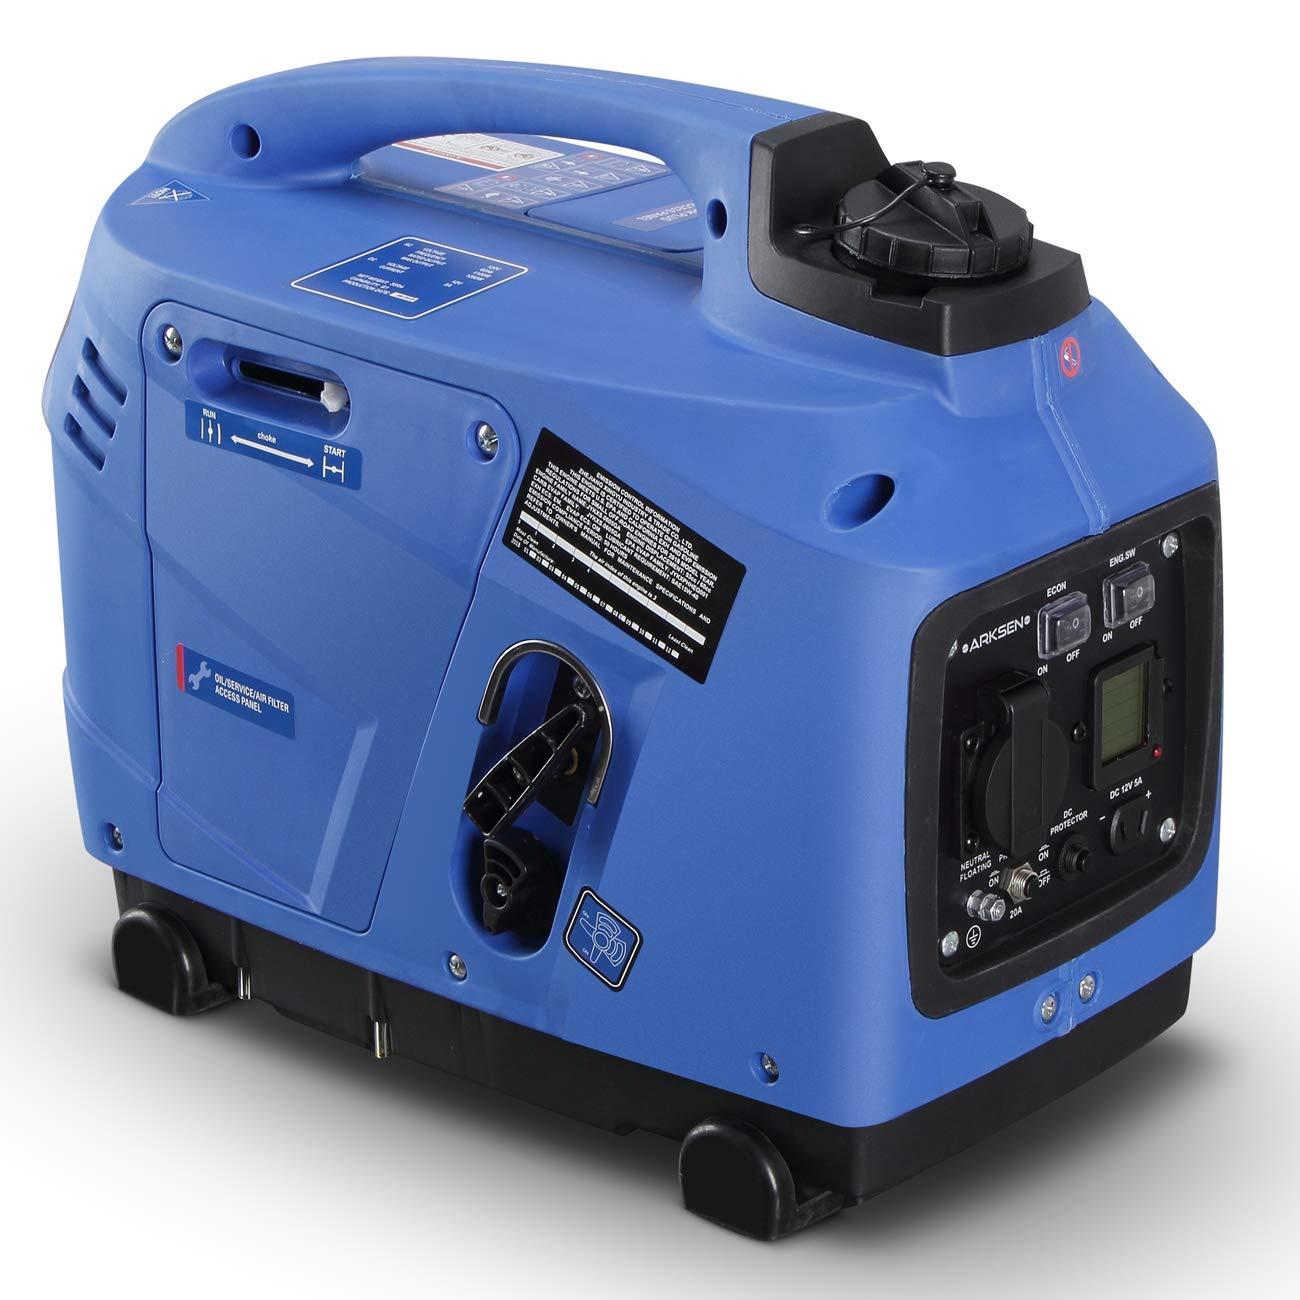 ARKSEN 016-IGT-1200-LCD protable Generator, Blue